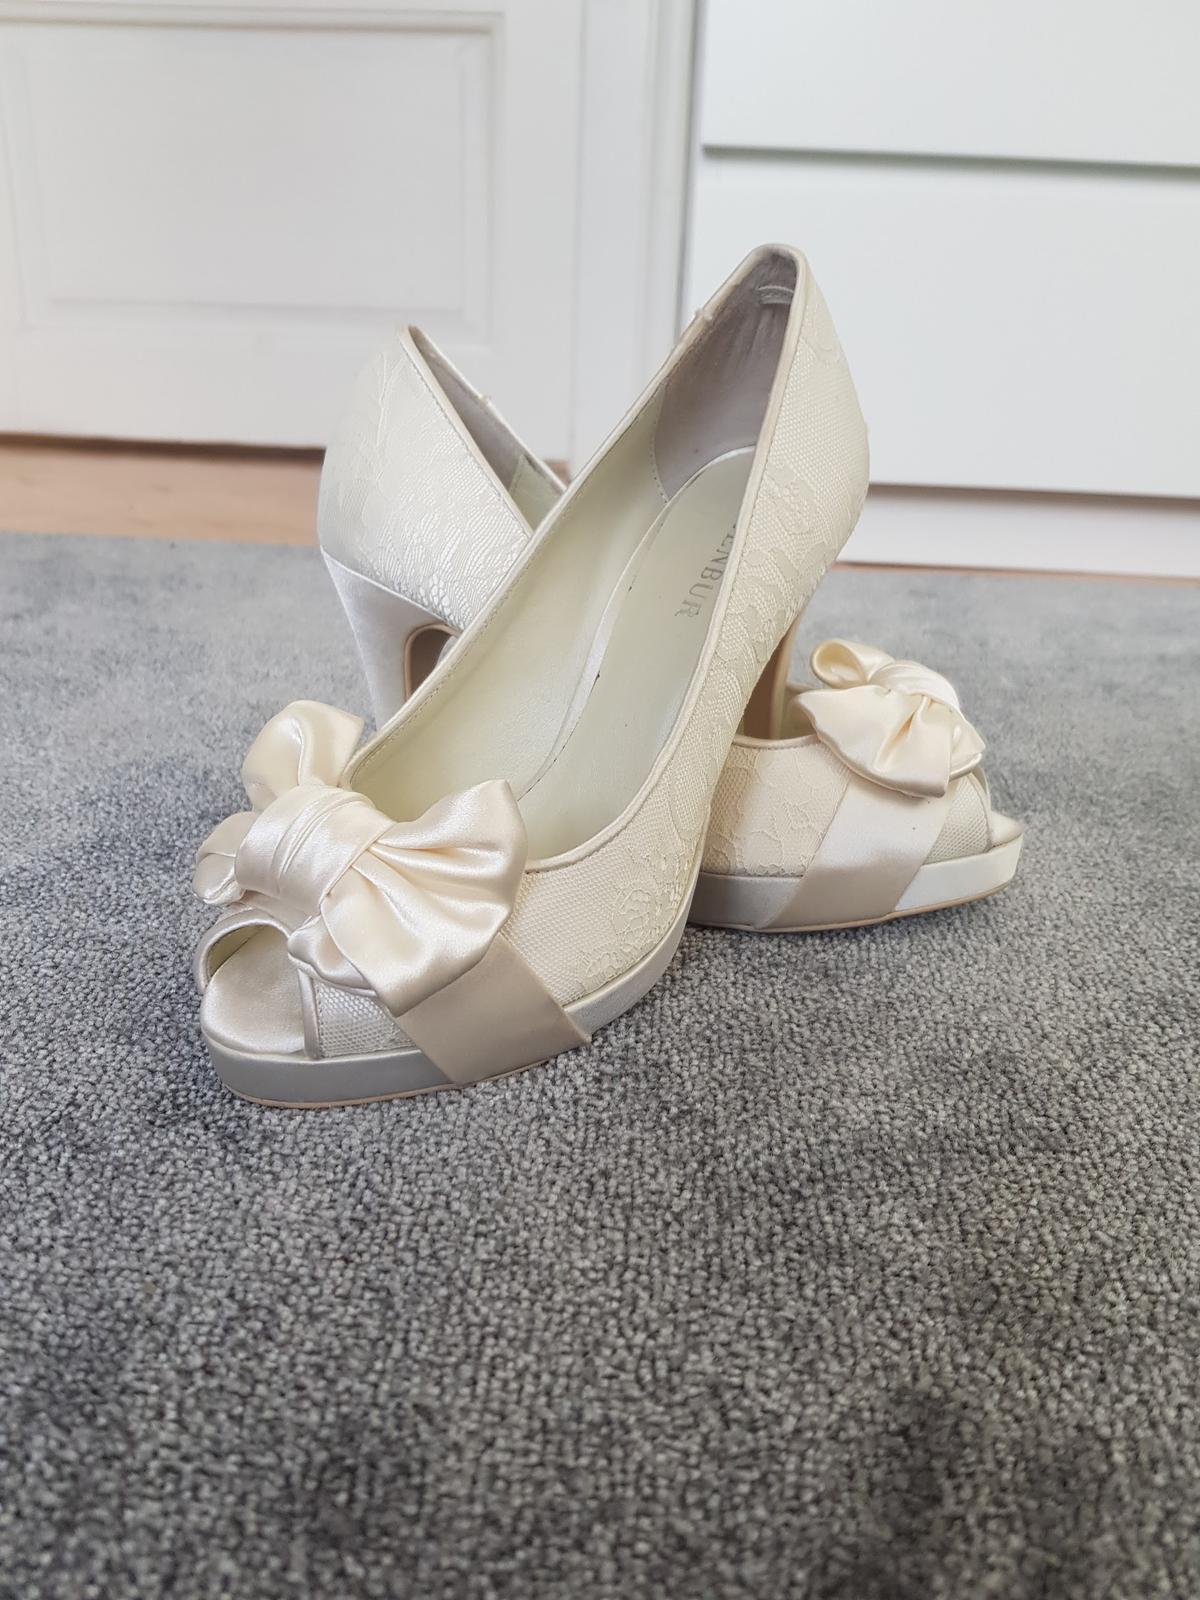 Menbur svatební peep-toe boty - Obrázek č. 1